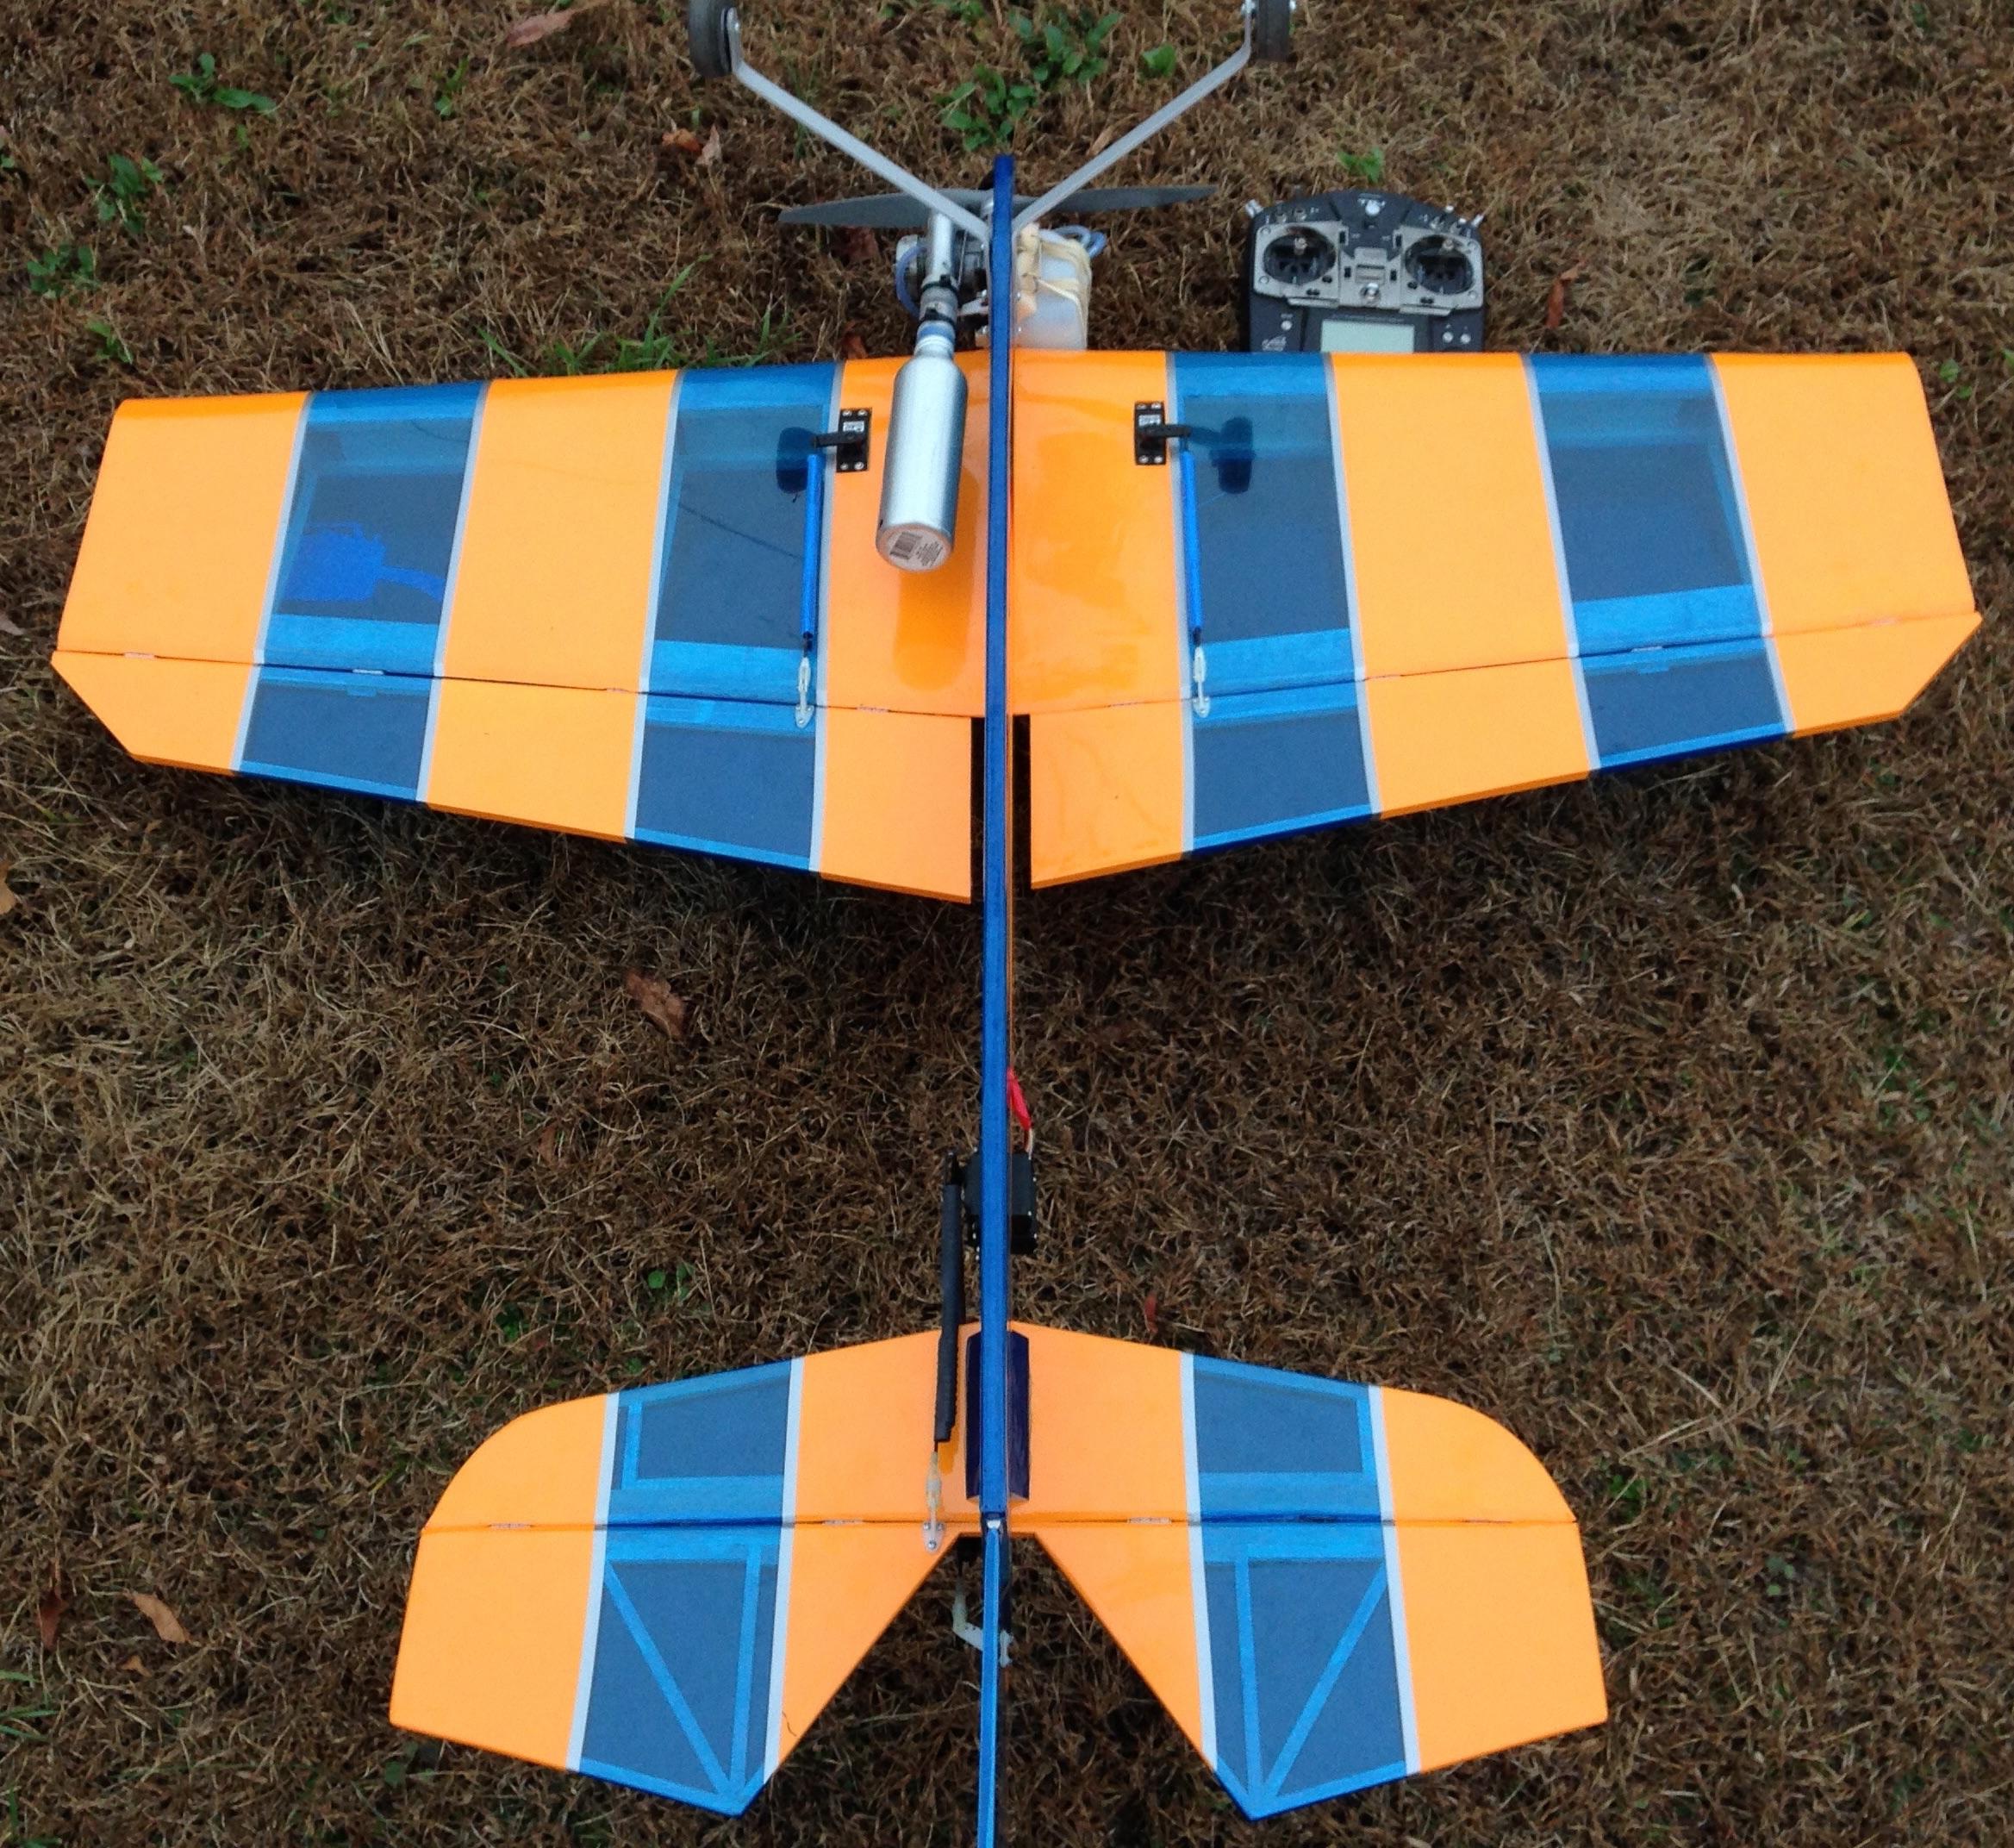 BFBF6524-50E9-4C9A-8CAF-2CEBBFB94755.jpeg